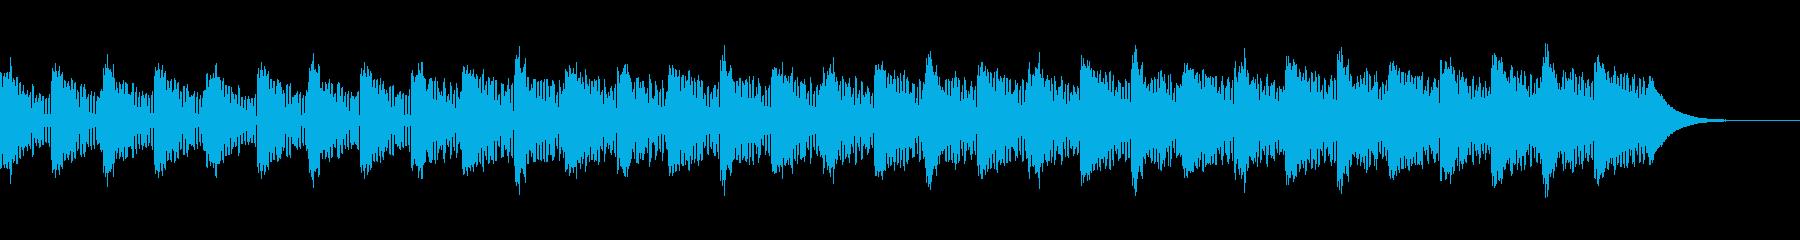 発見 目覚め 化学 ドキュメンタリーの再生済みの波形